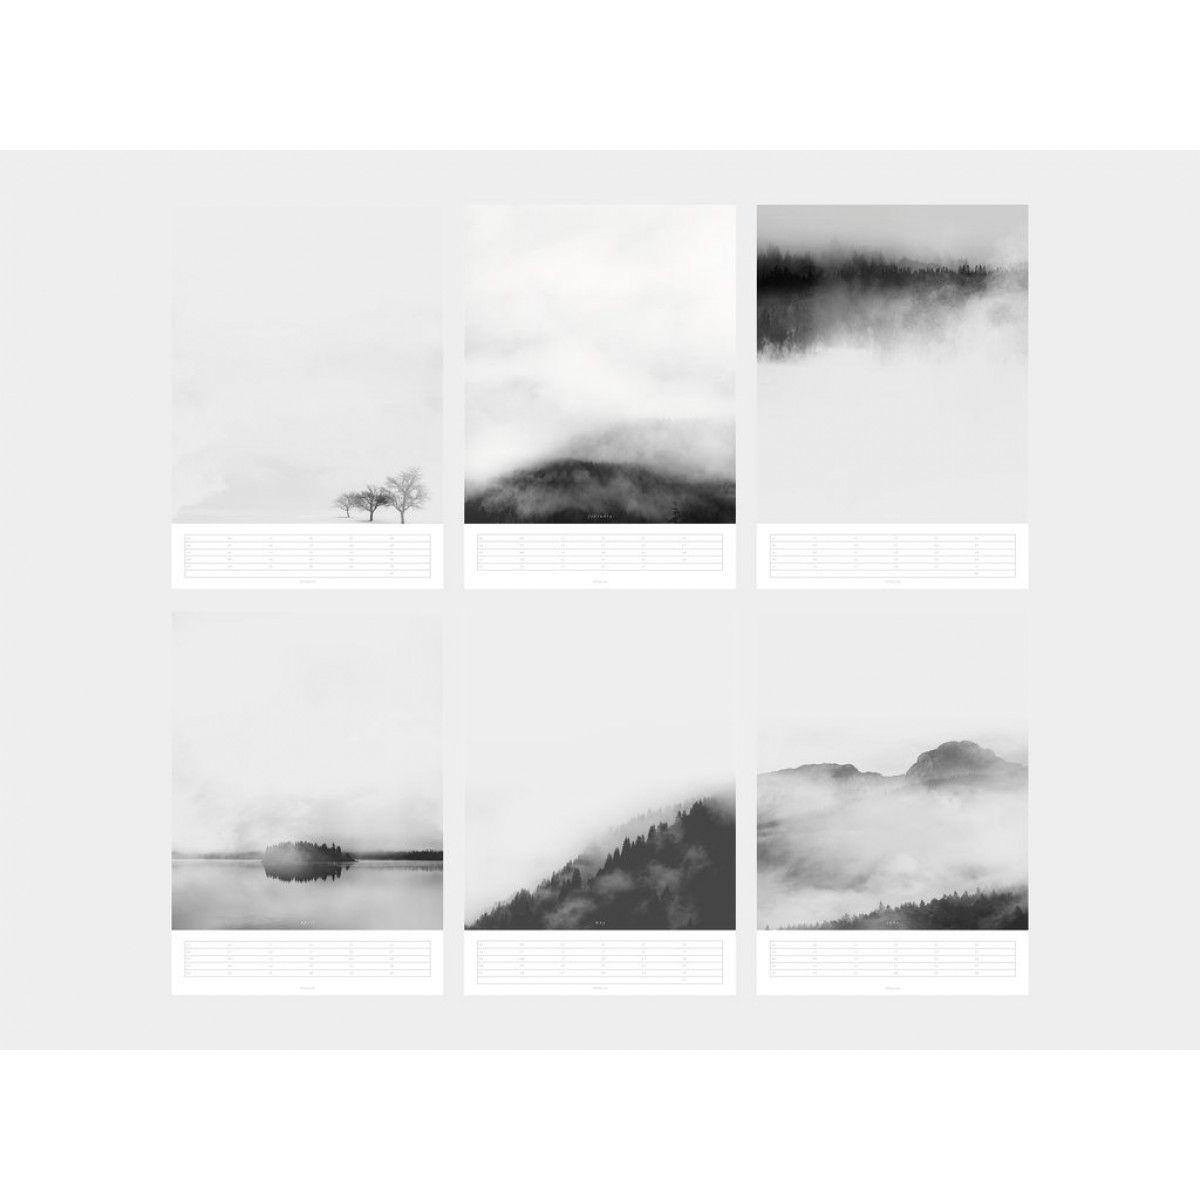 typealive / Wandkalender / Landscapes 2020 | selekkt ...